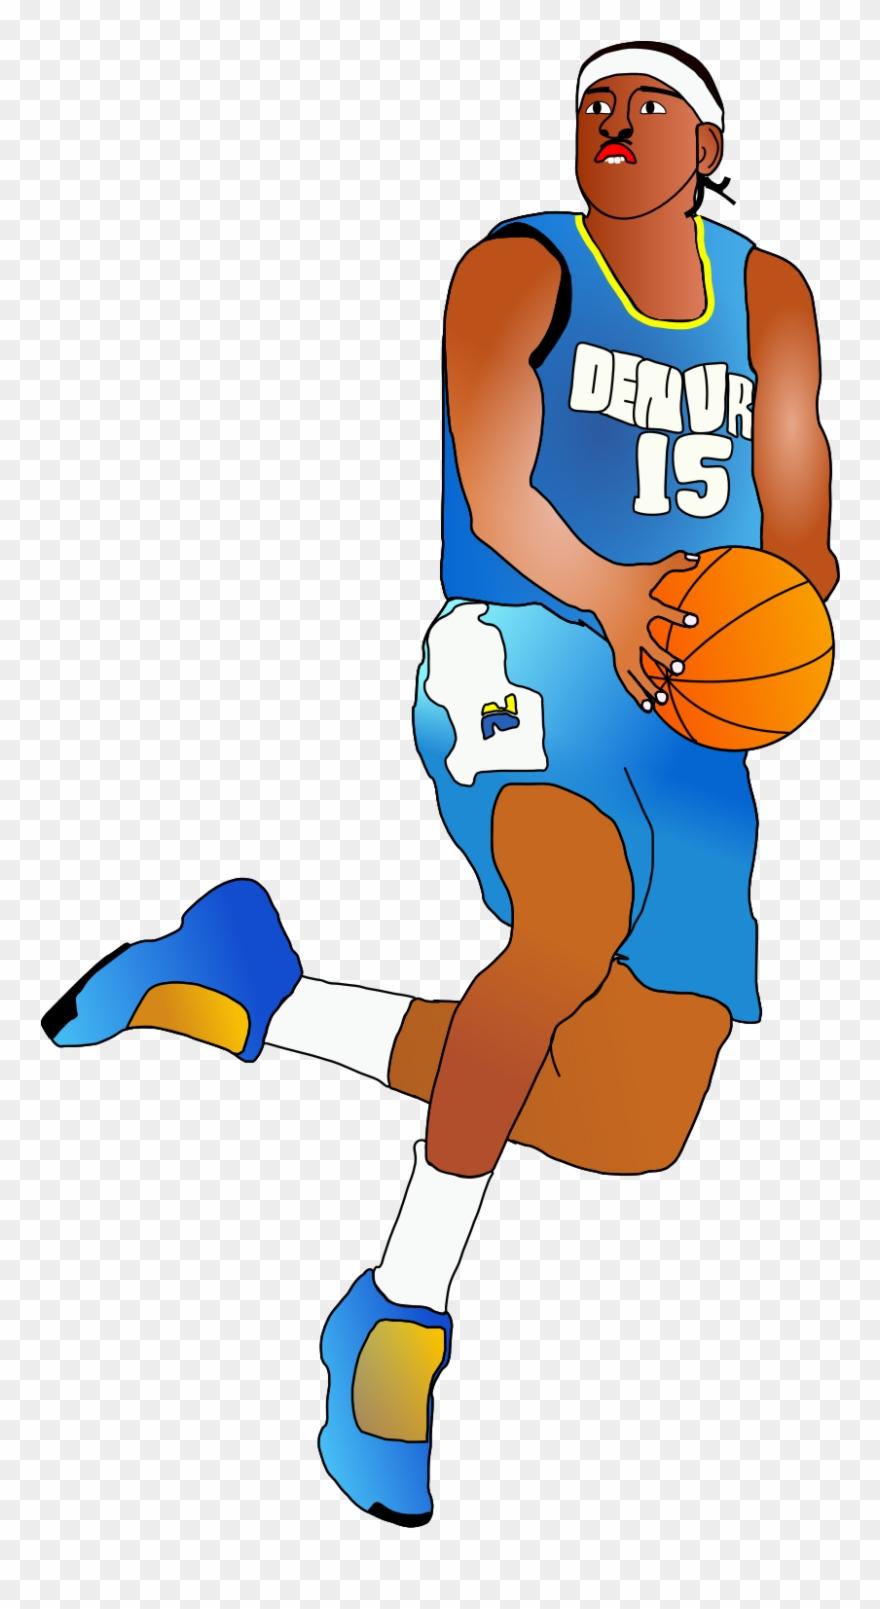 Gambar Bermain Basket Kartun : gambar, bermain, basket, kartun, Athletic, Clipart, Gambar, Animasi, Orang, Basket, Download, (#114140), PinClipart